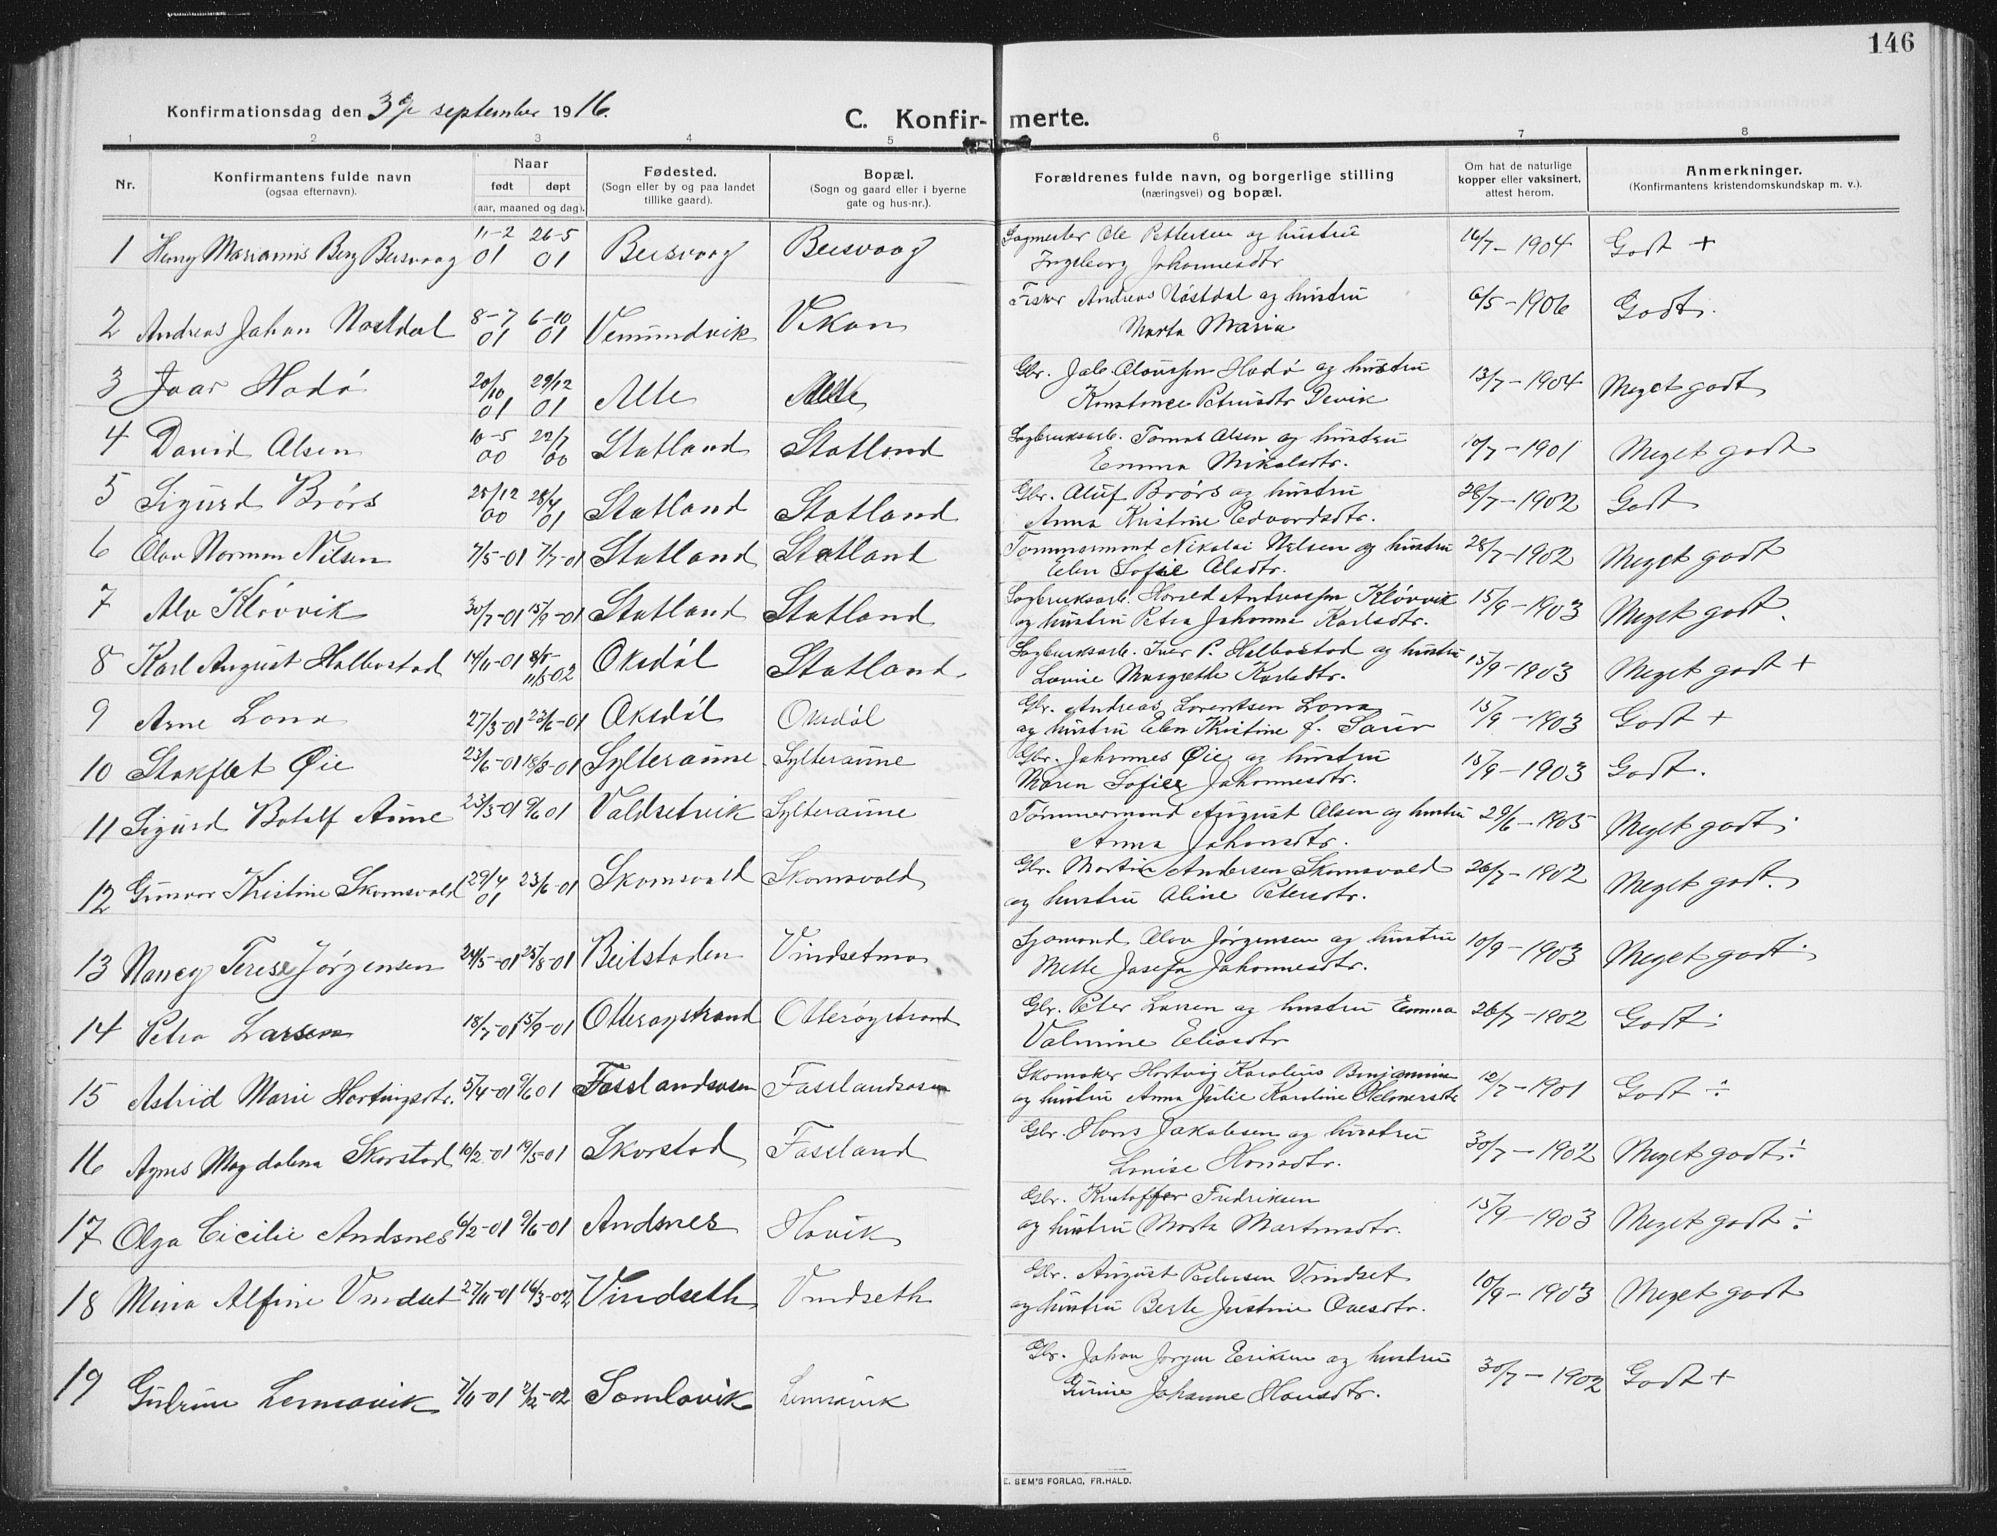 SAT, Ministerialprotokoller, klokkerbøker og fødselsregistre - Nord-Trøndelag, 774/L0630: Klokkerbok nr. 774C01, 1910-1934, s. 146